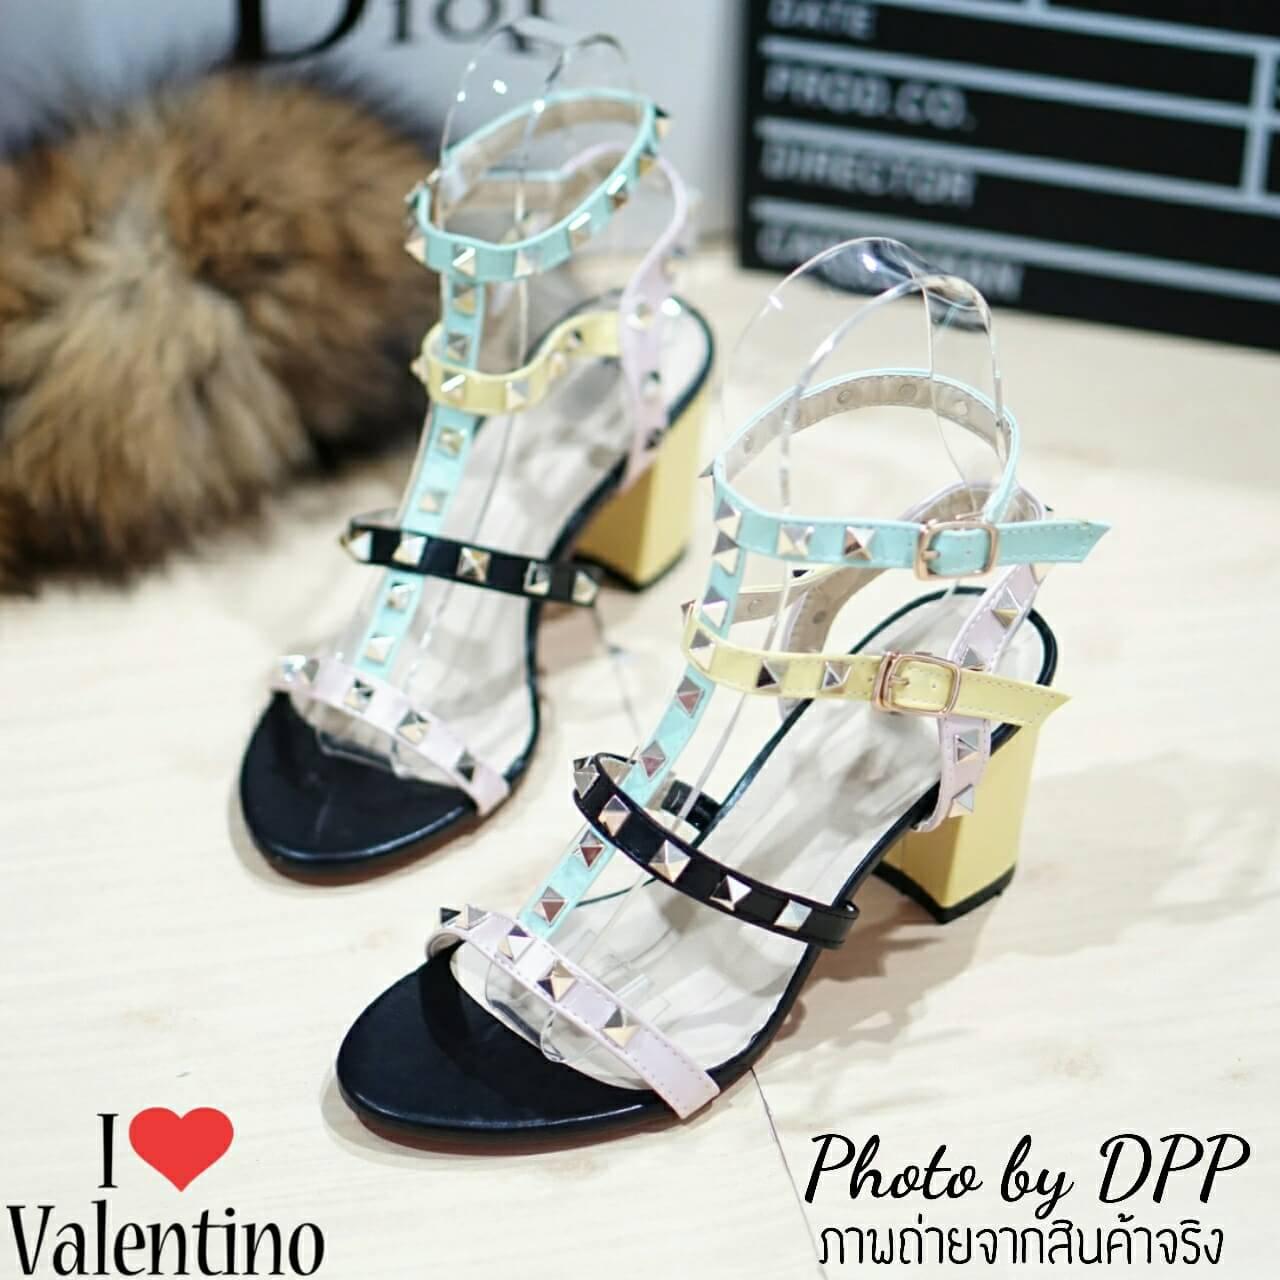 รองเท้า Valentino pumps rainbow color t-strap rockstud (สีดำ)